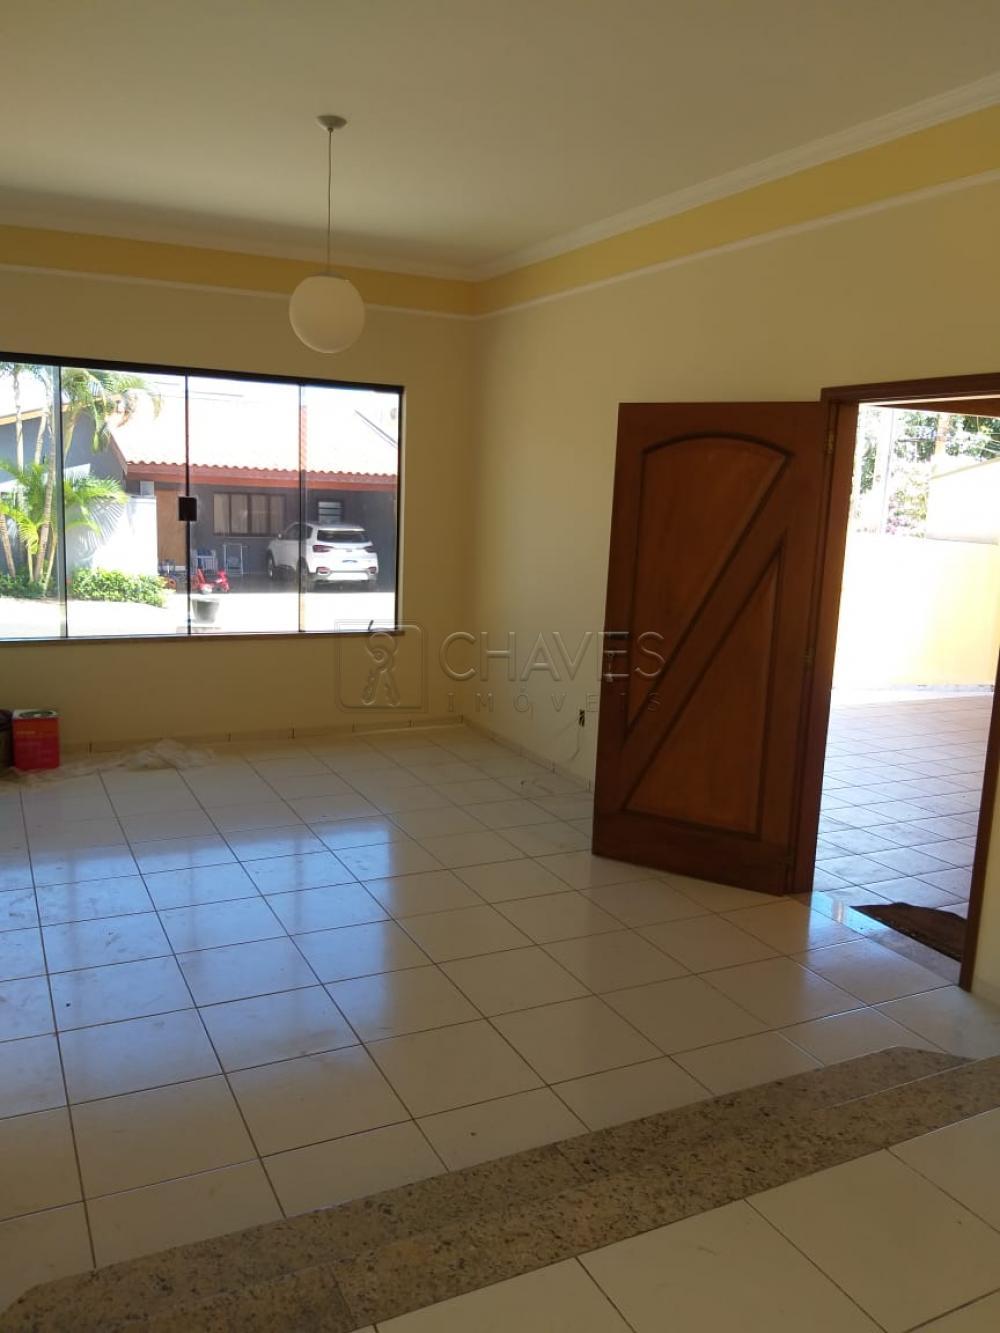 Comprar Casa / Condomínio em Bonfim Paulista apenas R$ 550.000,00 - Foto 2